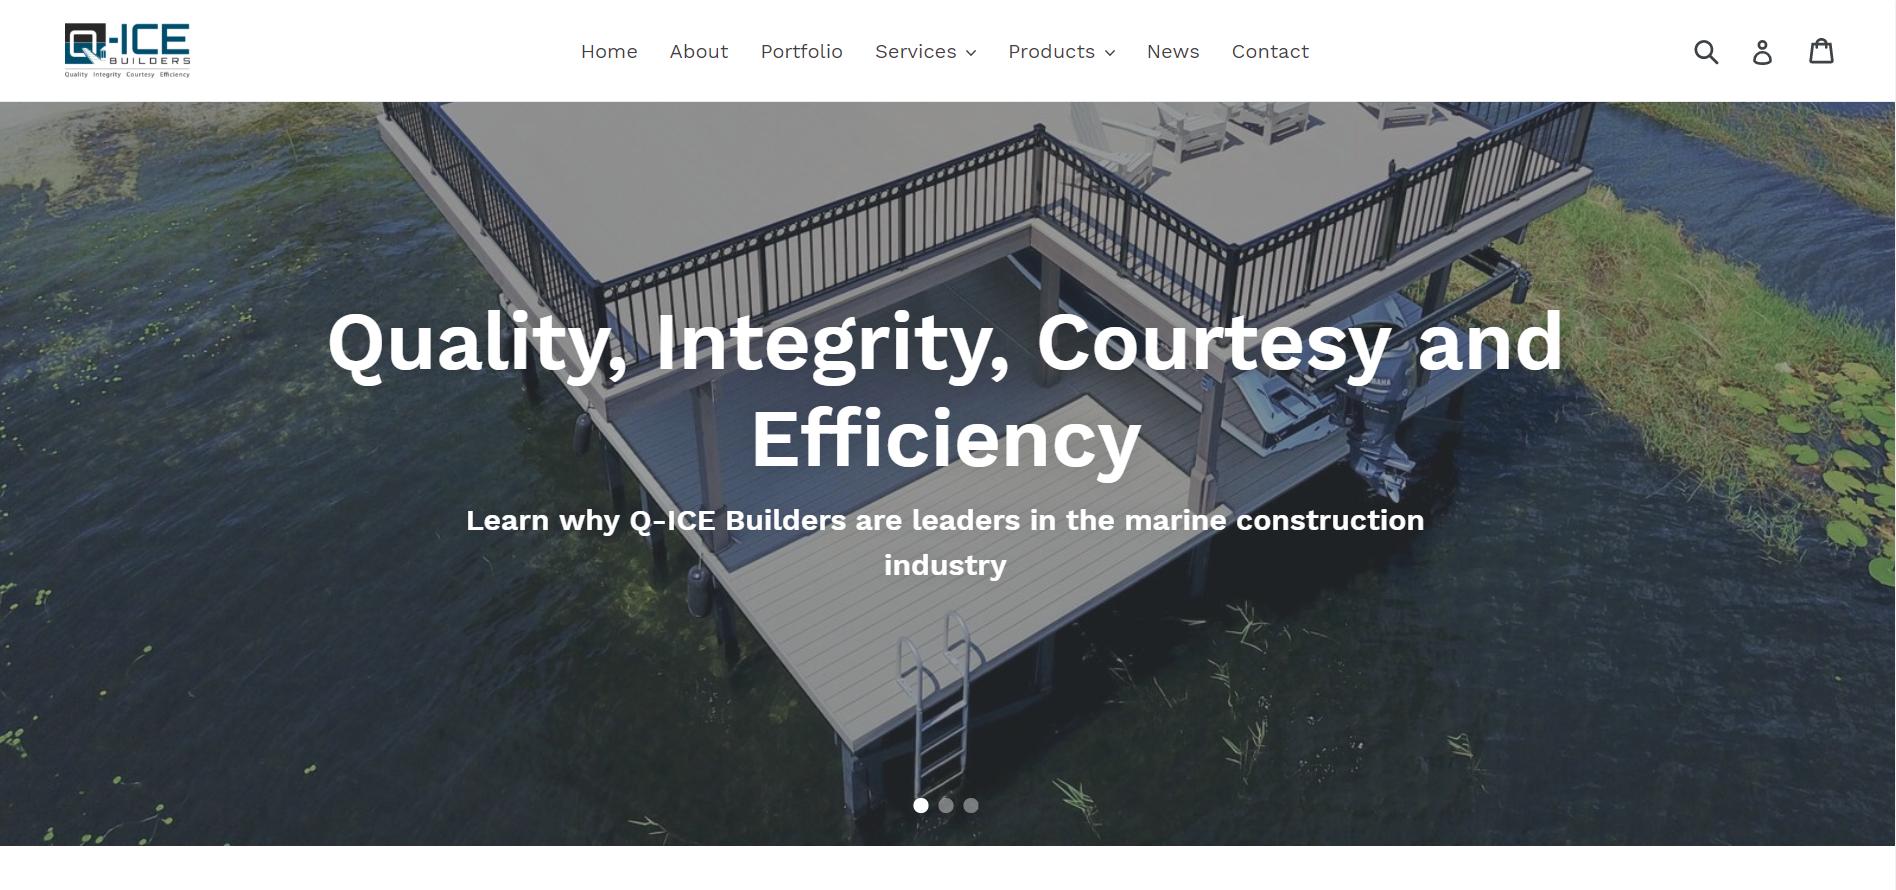 Q-ICE Builders